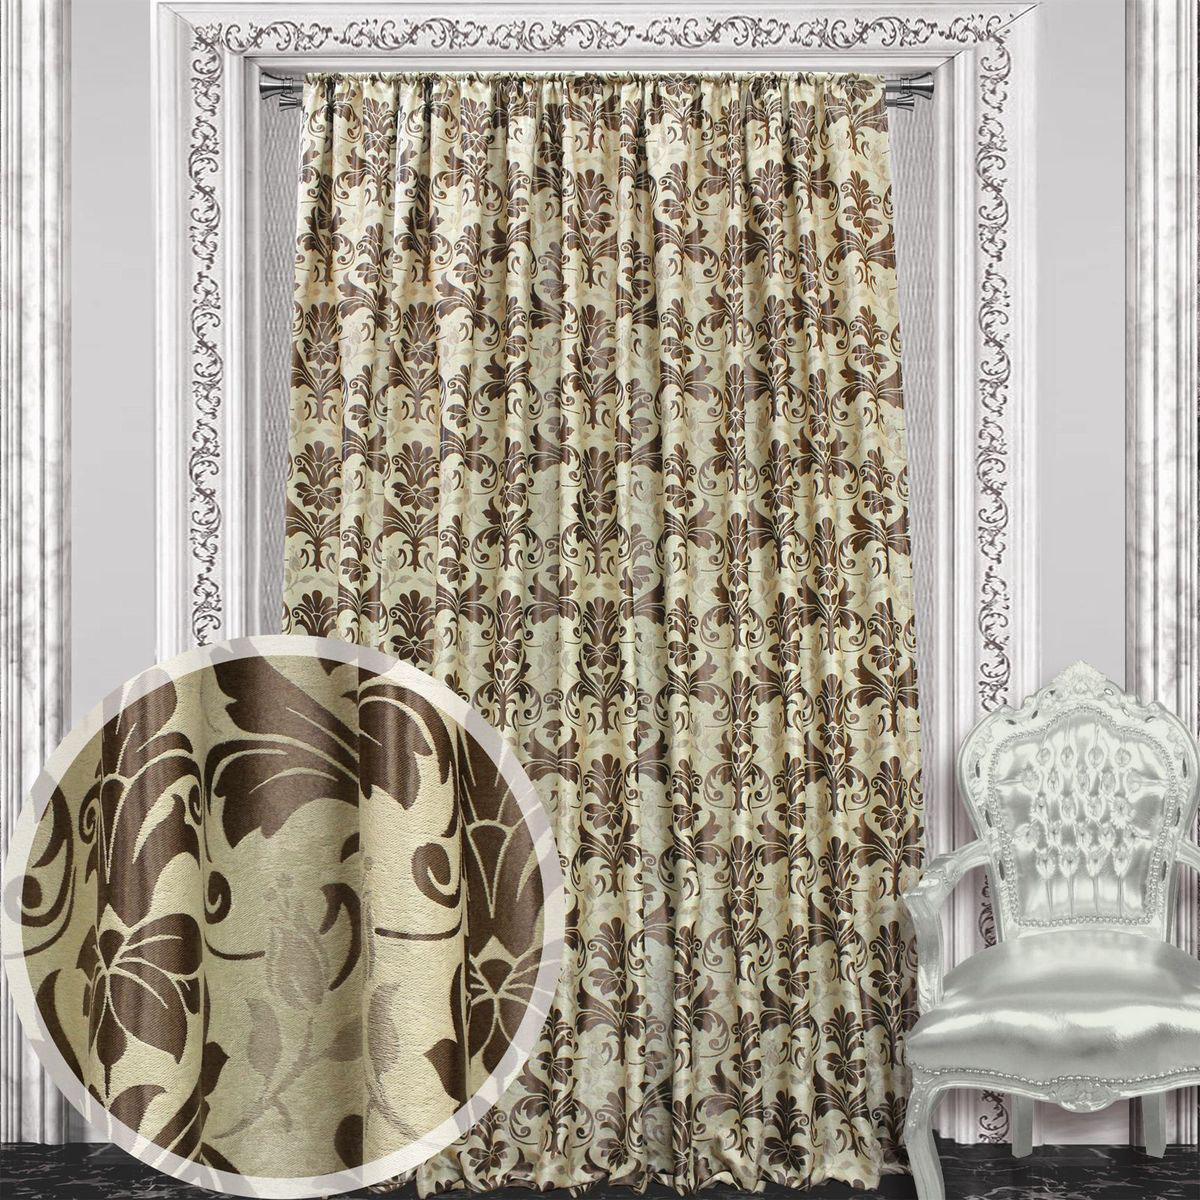 Штора Amore Mio, 200 х 270 см, 1 шт., цвет: коричневый. 8604986049